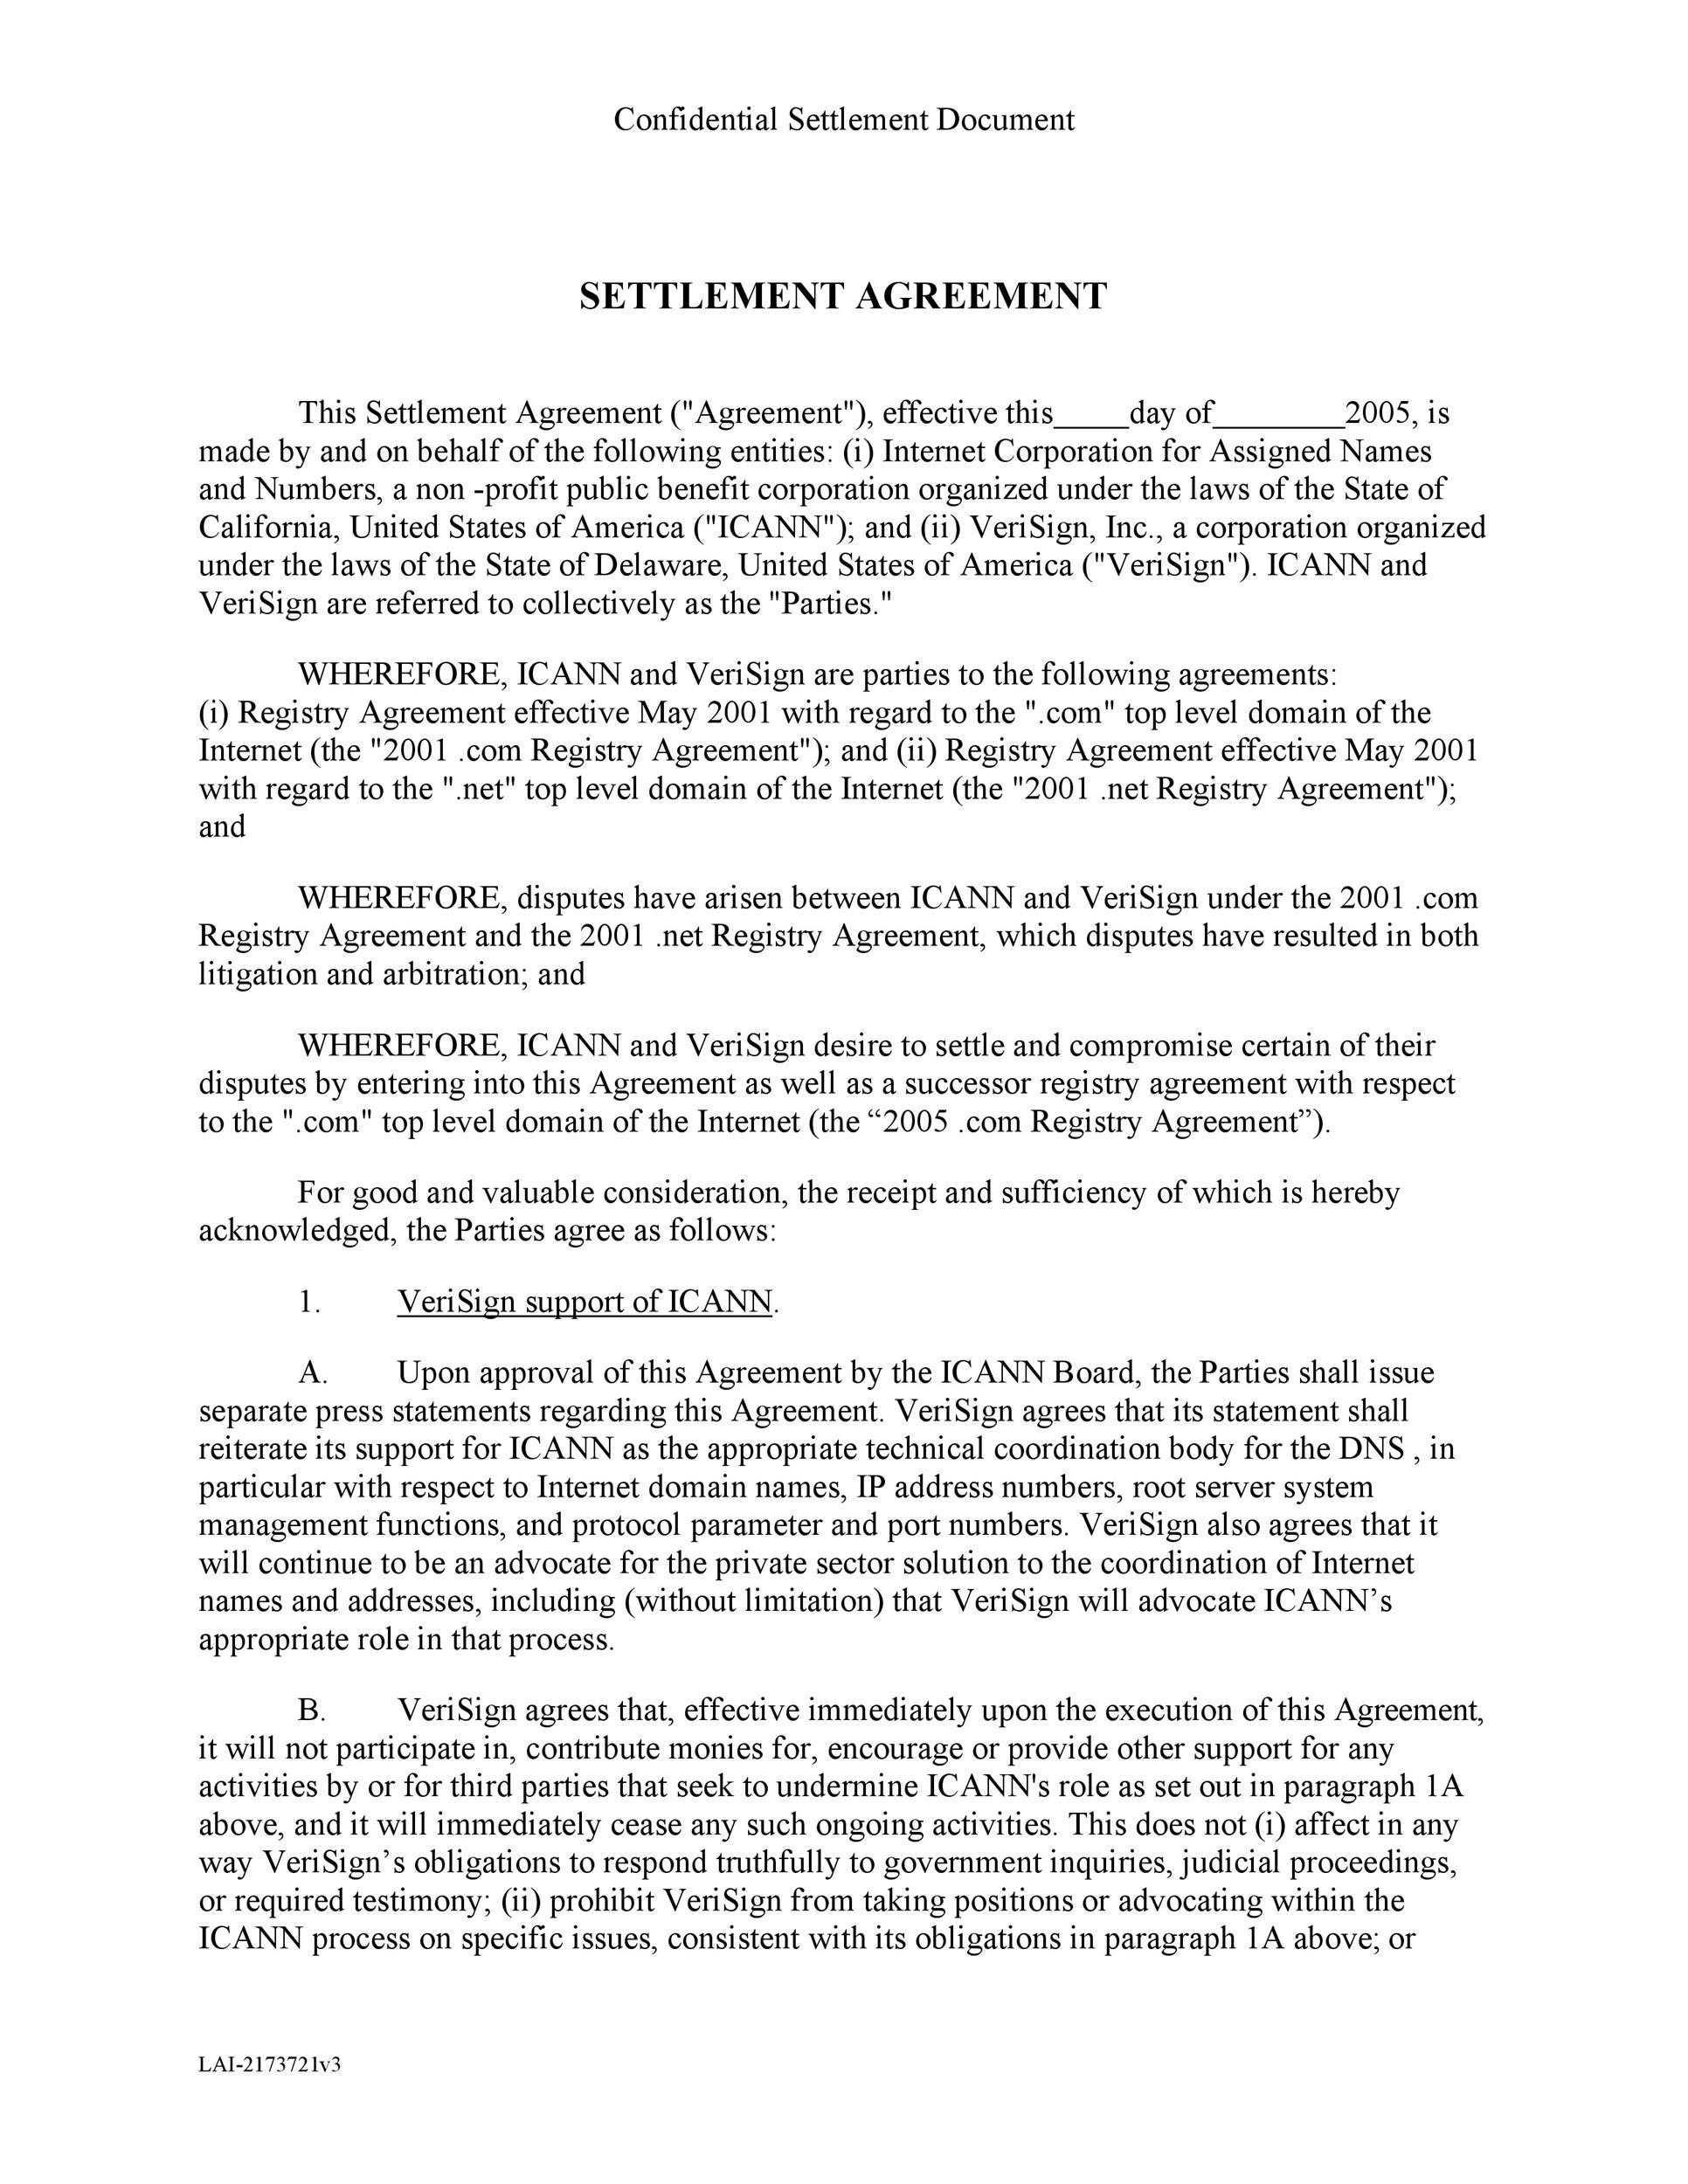 Free settlement agreement 11